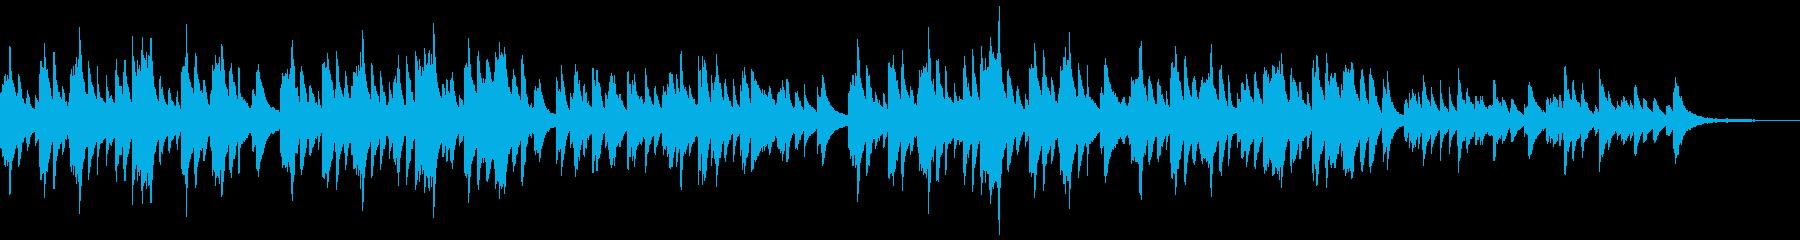 KAN_T静かなピアノバラードの再生済みの波形